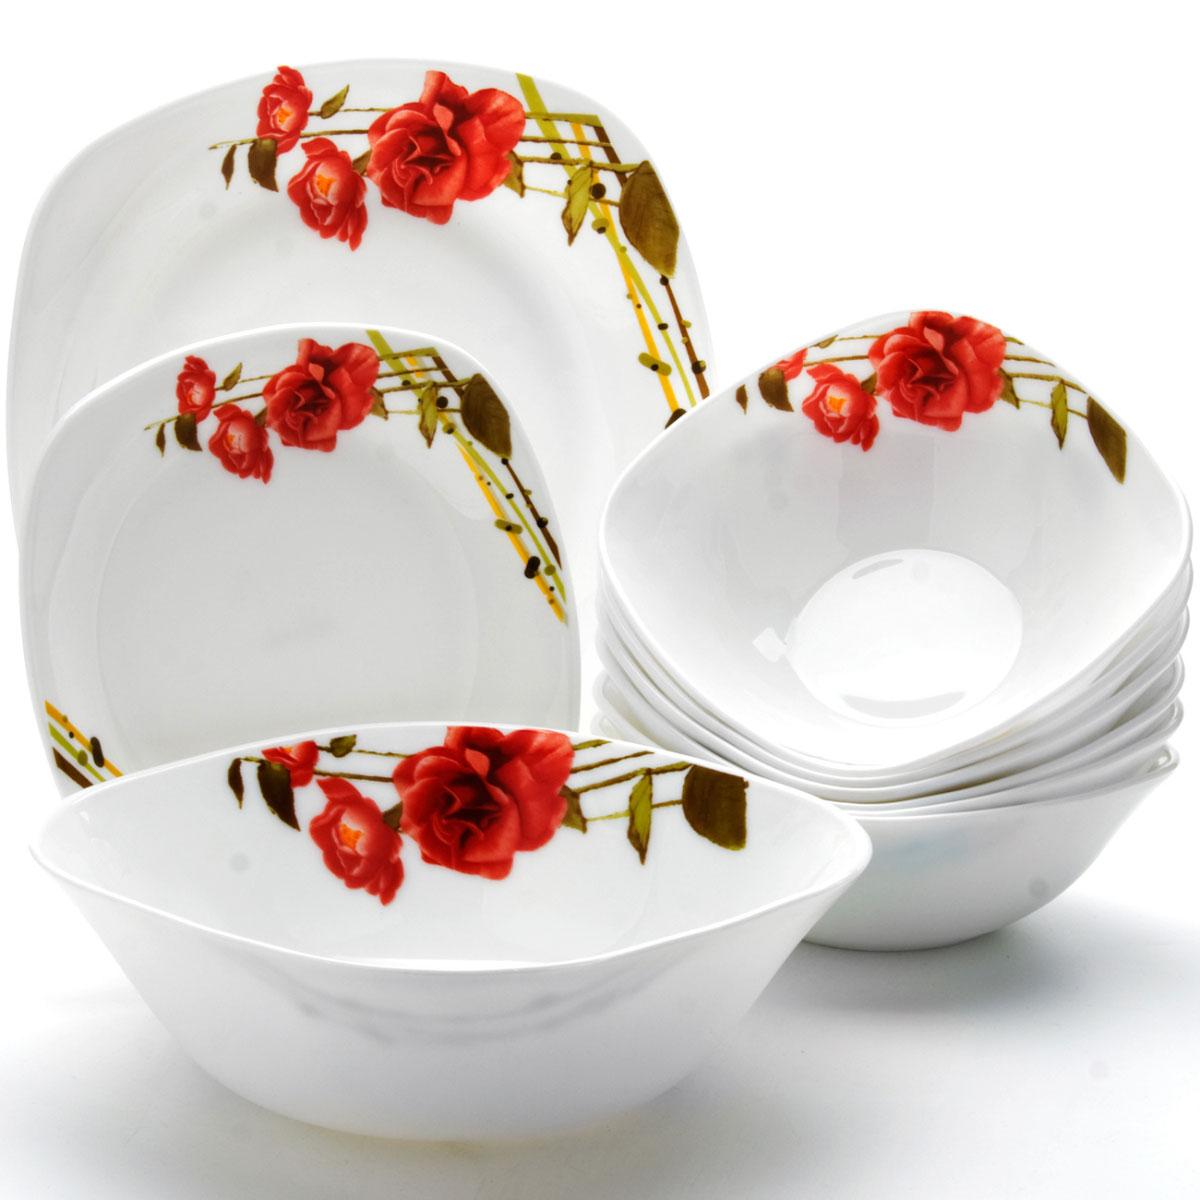 Сервиз столовый Mayer & Boch, 19 предметов. 2410024100Сервиз столовый Mayer & Boch состоит из 6 обеденных тарелок, 6 десертных тарелок, 6 суповых тарелок и 1 салатника. Предметы набора изготовлены из стекла с гладким качественным покрытием и украшены изысканным изображением красных роз. Набор создаст отличное настроение во время обеда, будет уместен на любой кухне и понравится каждой хозяйке. Красочное оформление предметов набора придает ему оригинальность и торжественность. Практичный и современный дизайн делает набор довольно простым и удобным в эксплуатации. Предметы набора можно мыть в посудомоечной машине, использовать в микроволновой печи и холодильнике. Размер суповой тарелки: 17,8 х 17,8 см. Объем суповой тарелки: 650 мл. Размер обеденной тарелки: 26,7 х 26,7 см. Размер десертной тарелки: 19 х 19 см. Размер салатника: 22,9 х 22,9 см. Высота стенок салатника: 7,5 см. Объем салатника: 1,4 л.